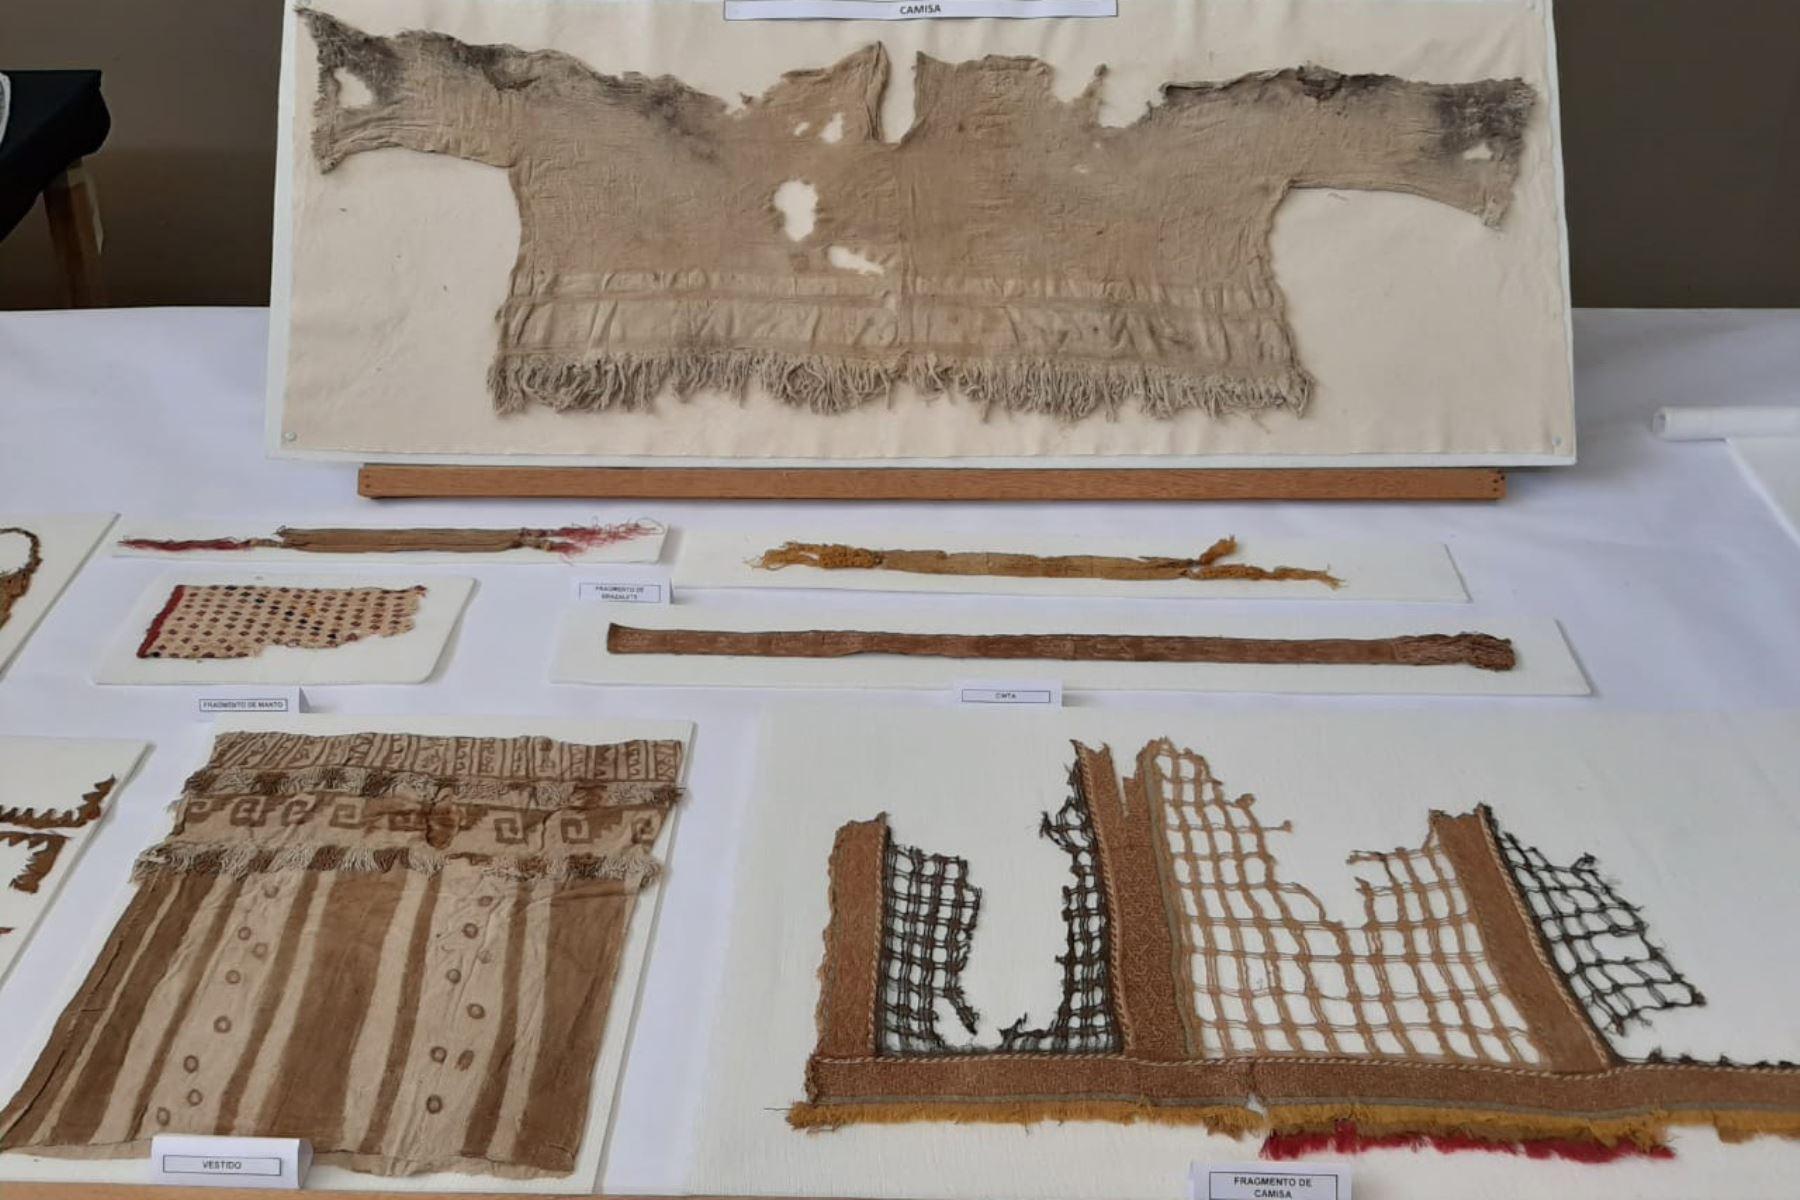 Arqueólogos hallan turbante y 37 contextos funerarios en el conjunto amurallado Chayhuac An, en el complejo arqueológico Chan Chan, en Trujillo. Foto: Luis Puell